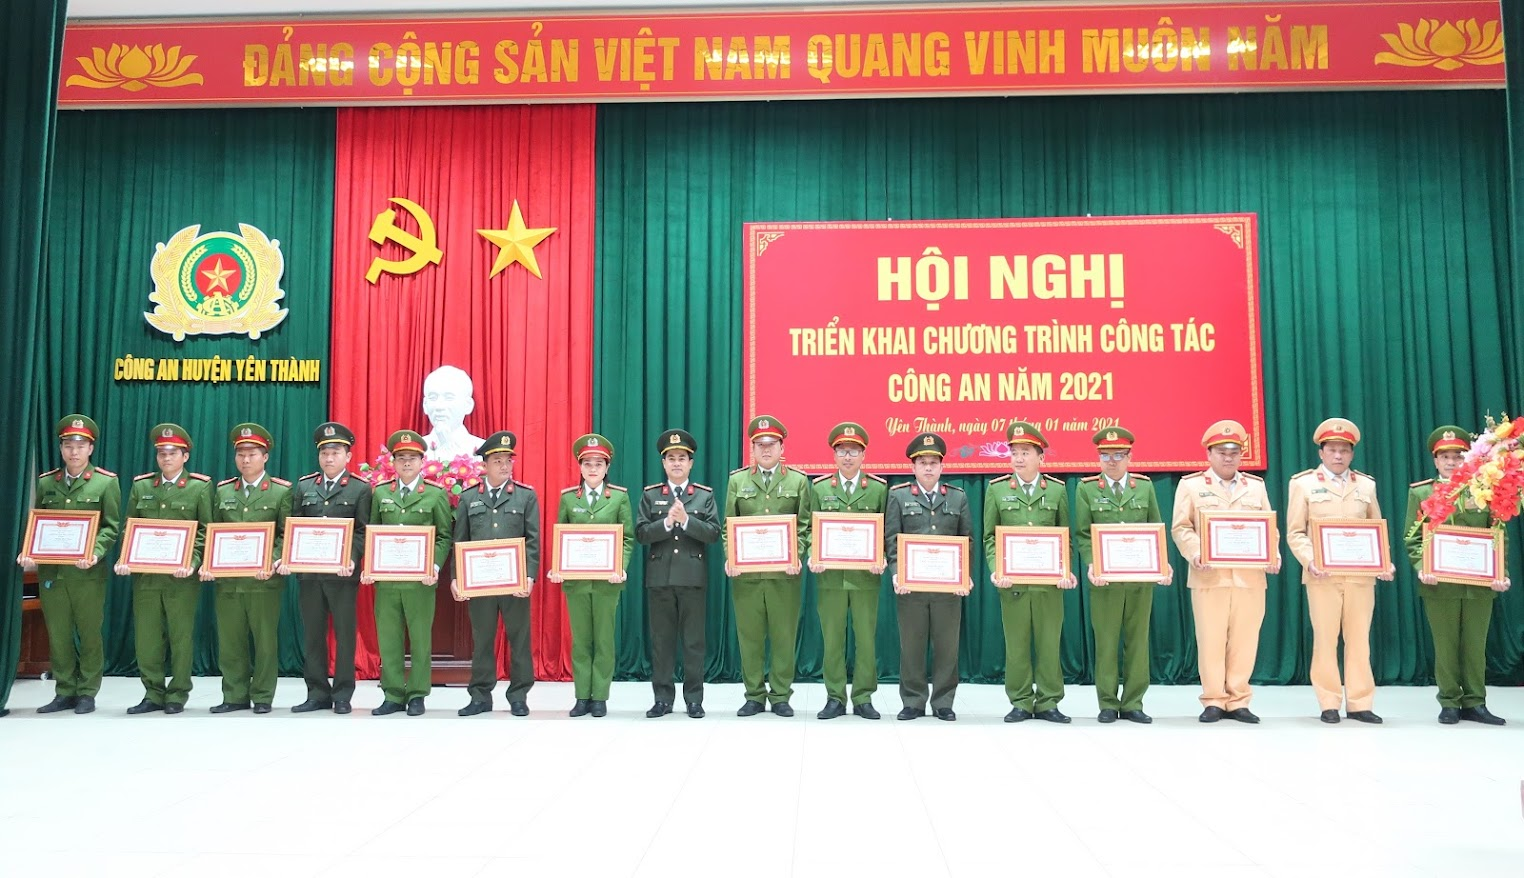 Đồng chí Đồng chí Đại tá Nguyễn Đức Hải – Phó Giám đốc Công an tỉnh, trao thưởng cho các cá nhân, tập thể có thành tích xuất sắc trong công tác công an năm 2020